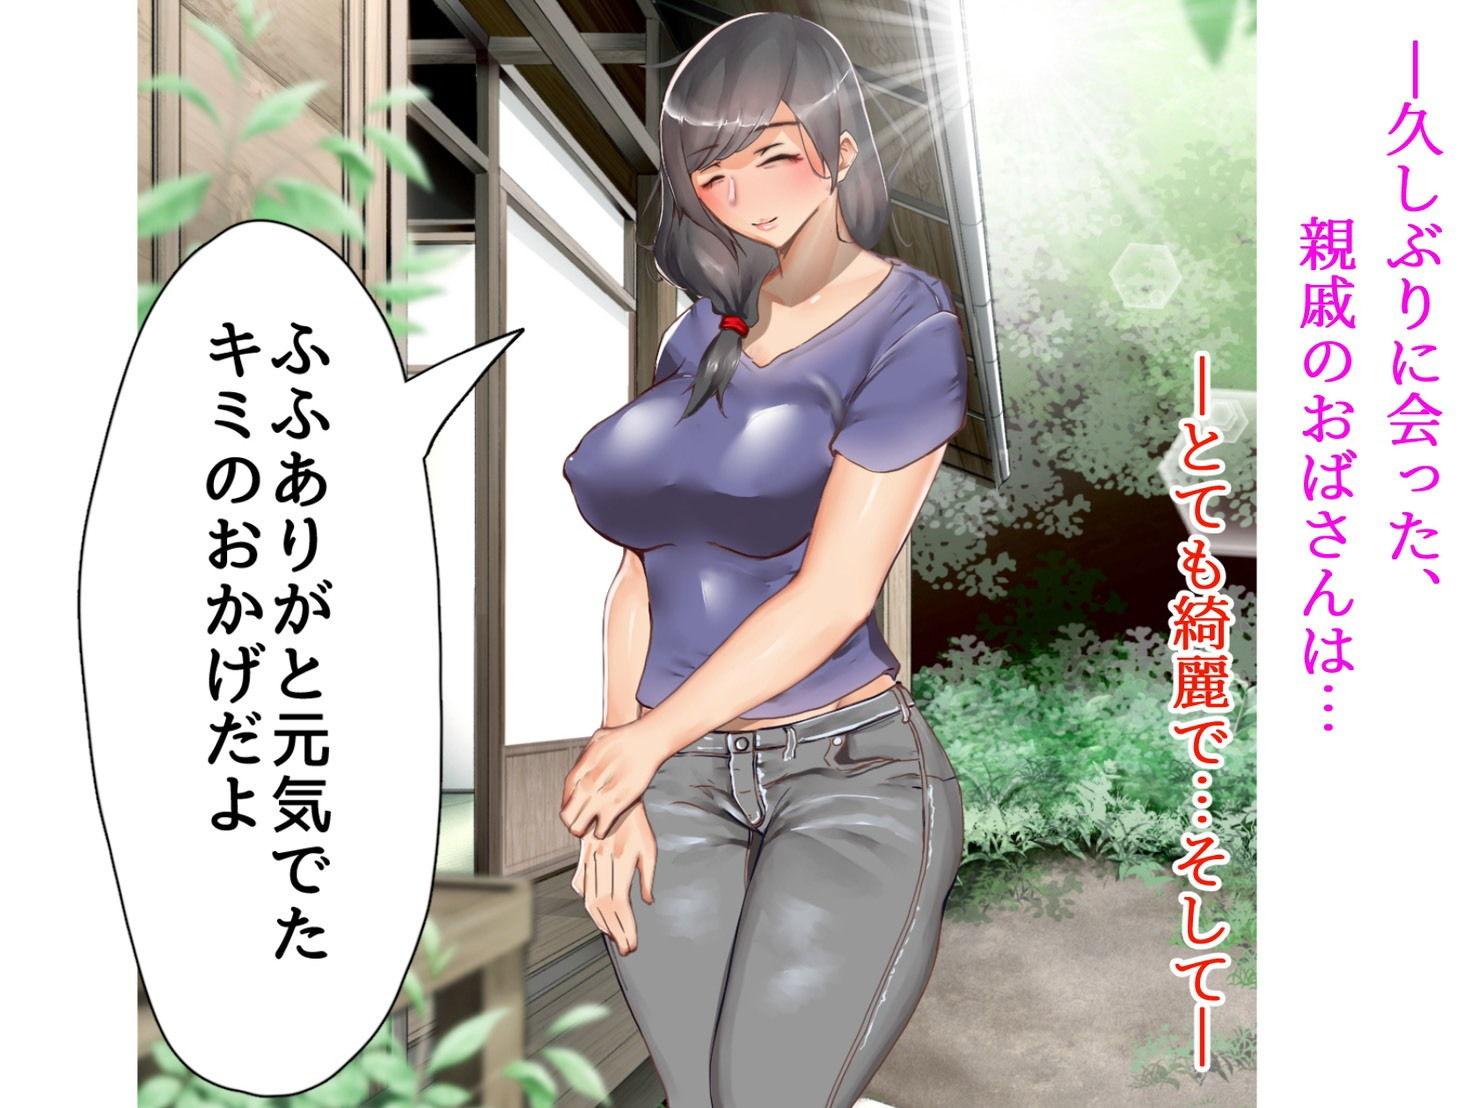 憧れのムチエロおばさんと色々あって優しく筆下ろししてもらう・・・ エロ画像